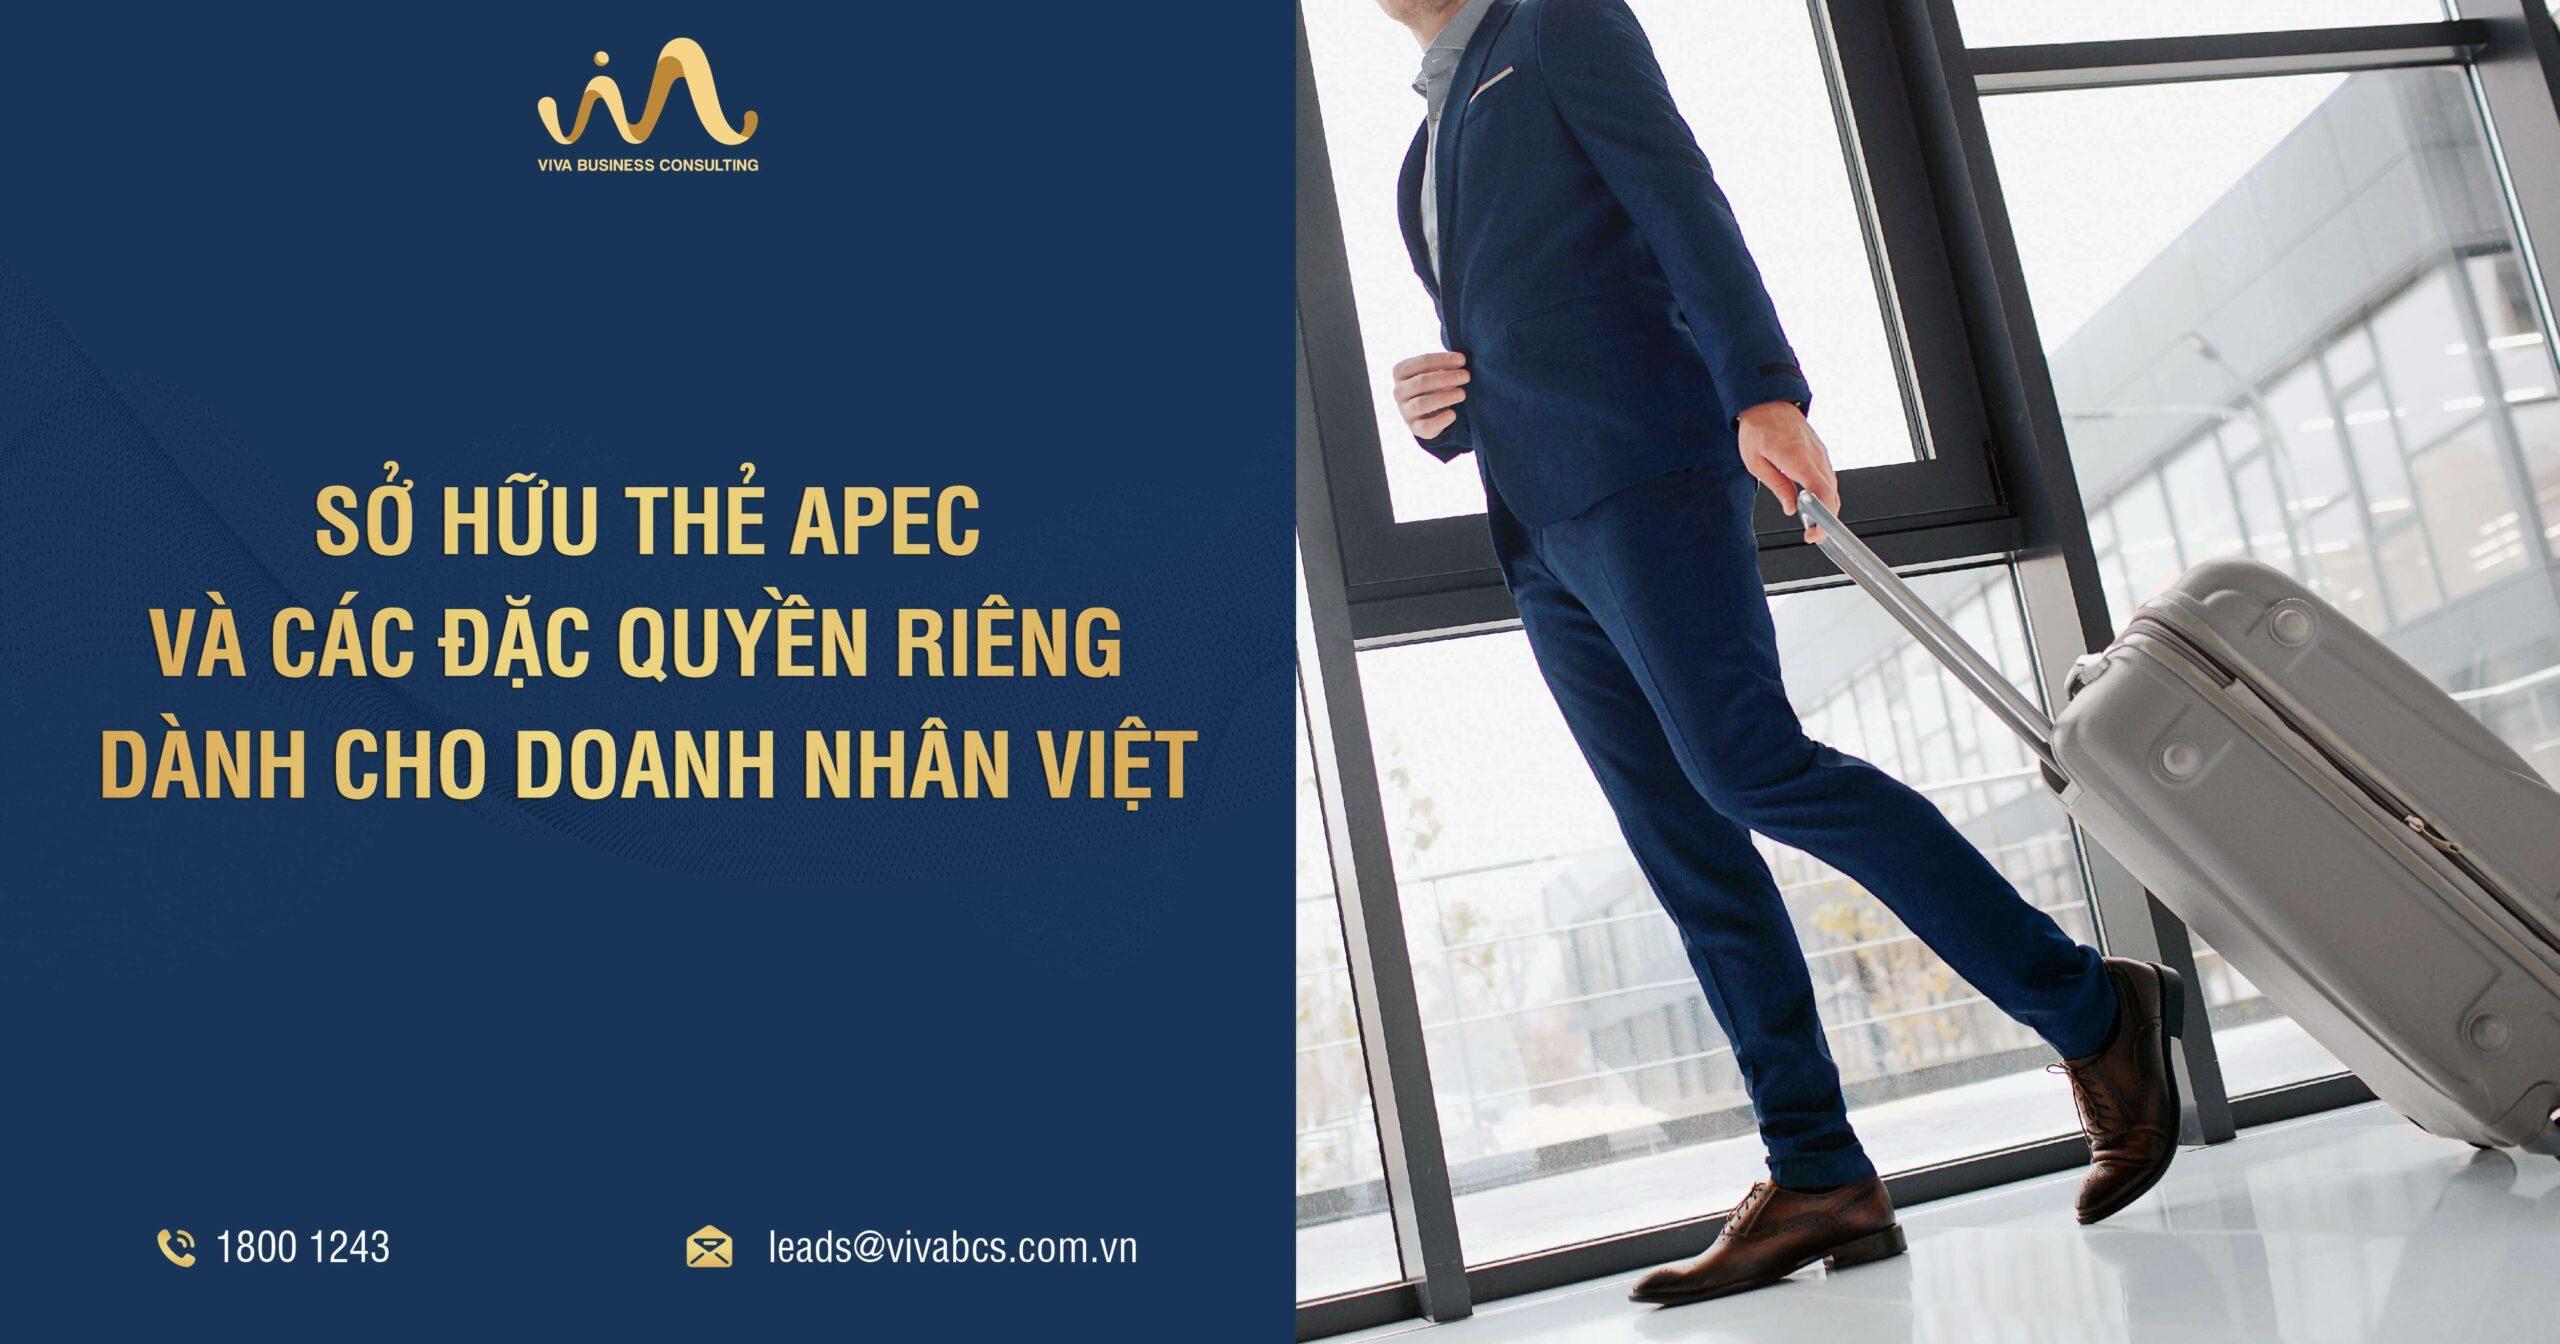 Sở hữu thẻ APEC và các đặc quyền riêng dành cho doanh nhân Việt